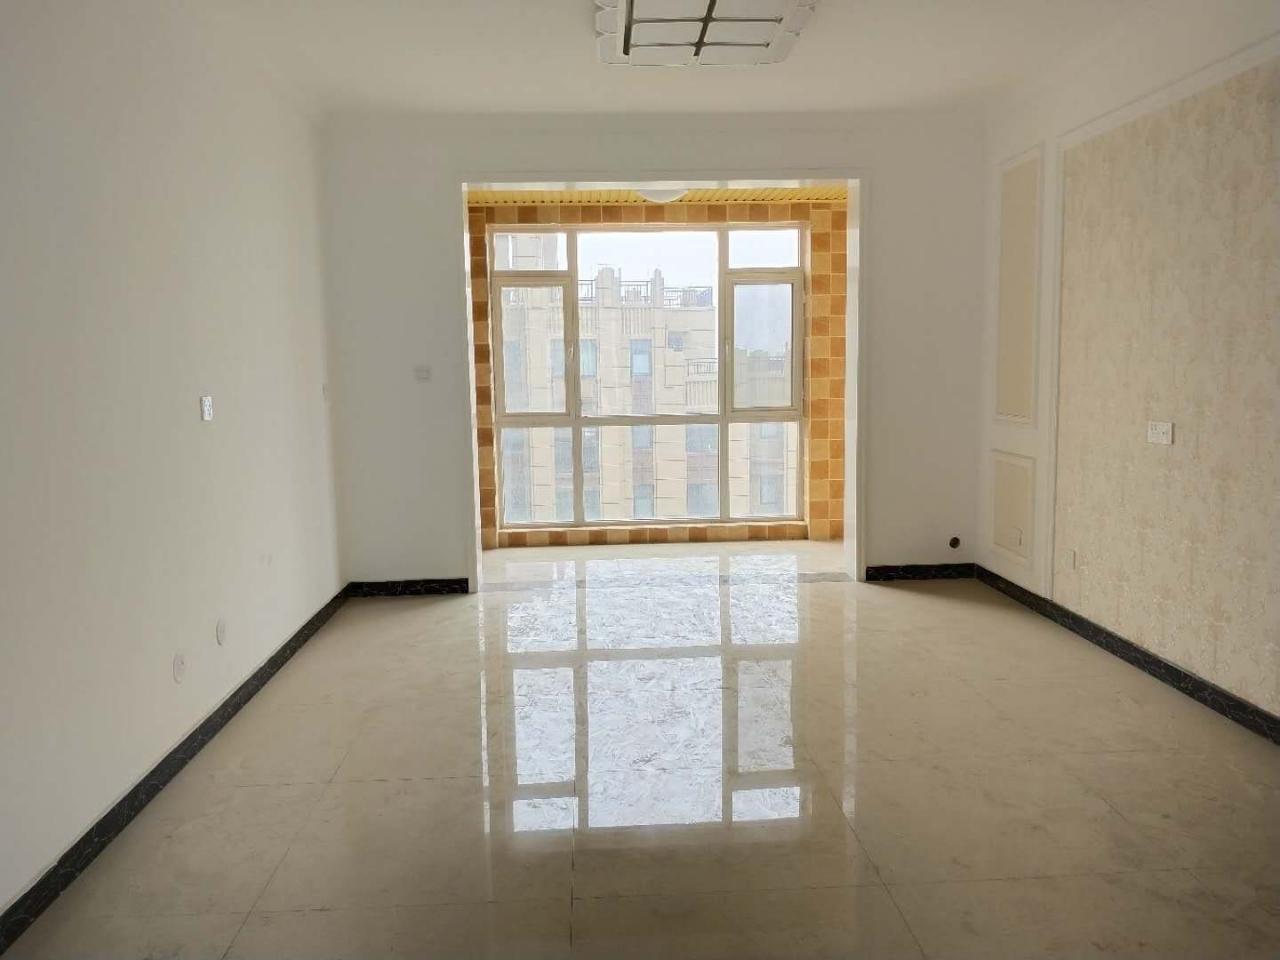 业主急售毗邻东湖精装3室2厅2卫78万元